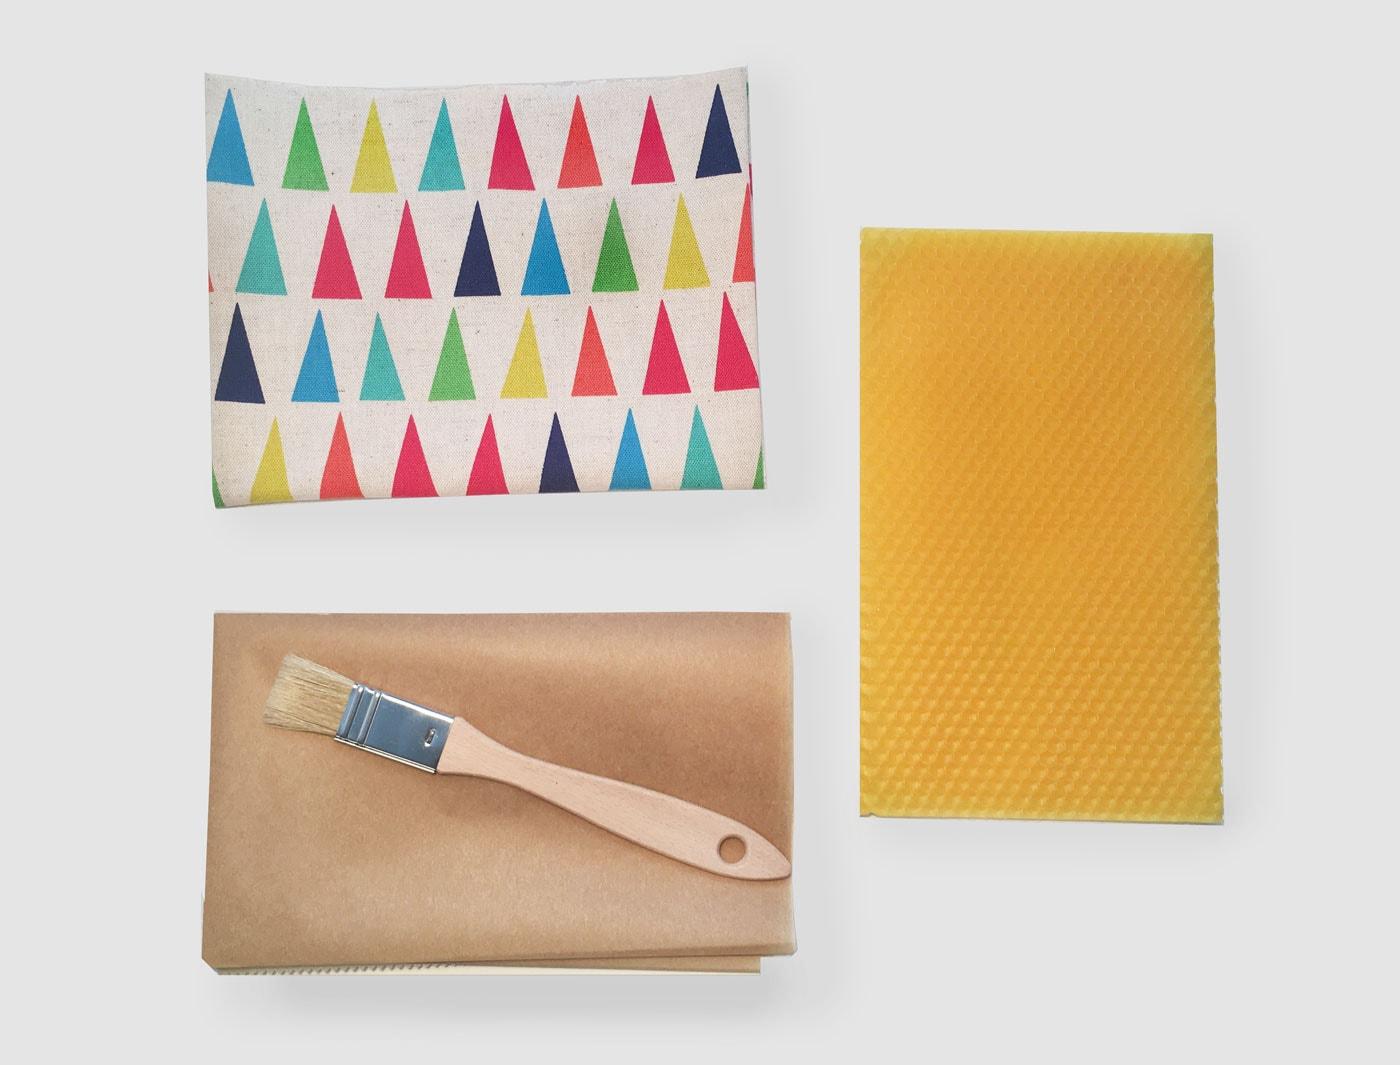 DIY: Bienenwachstücher selber herstellen als plastikfreie Alternative zur Frischhaltefolie // HIMBEER